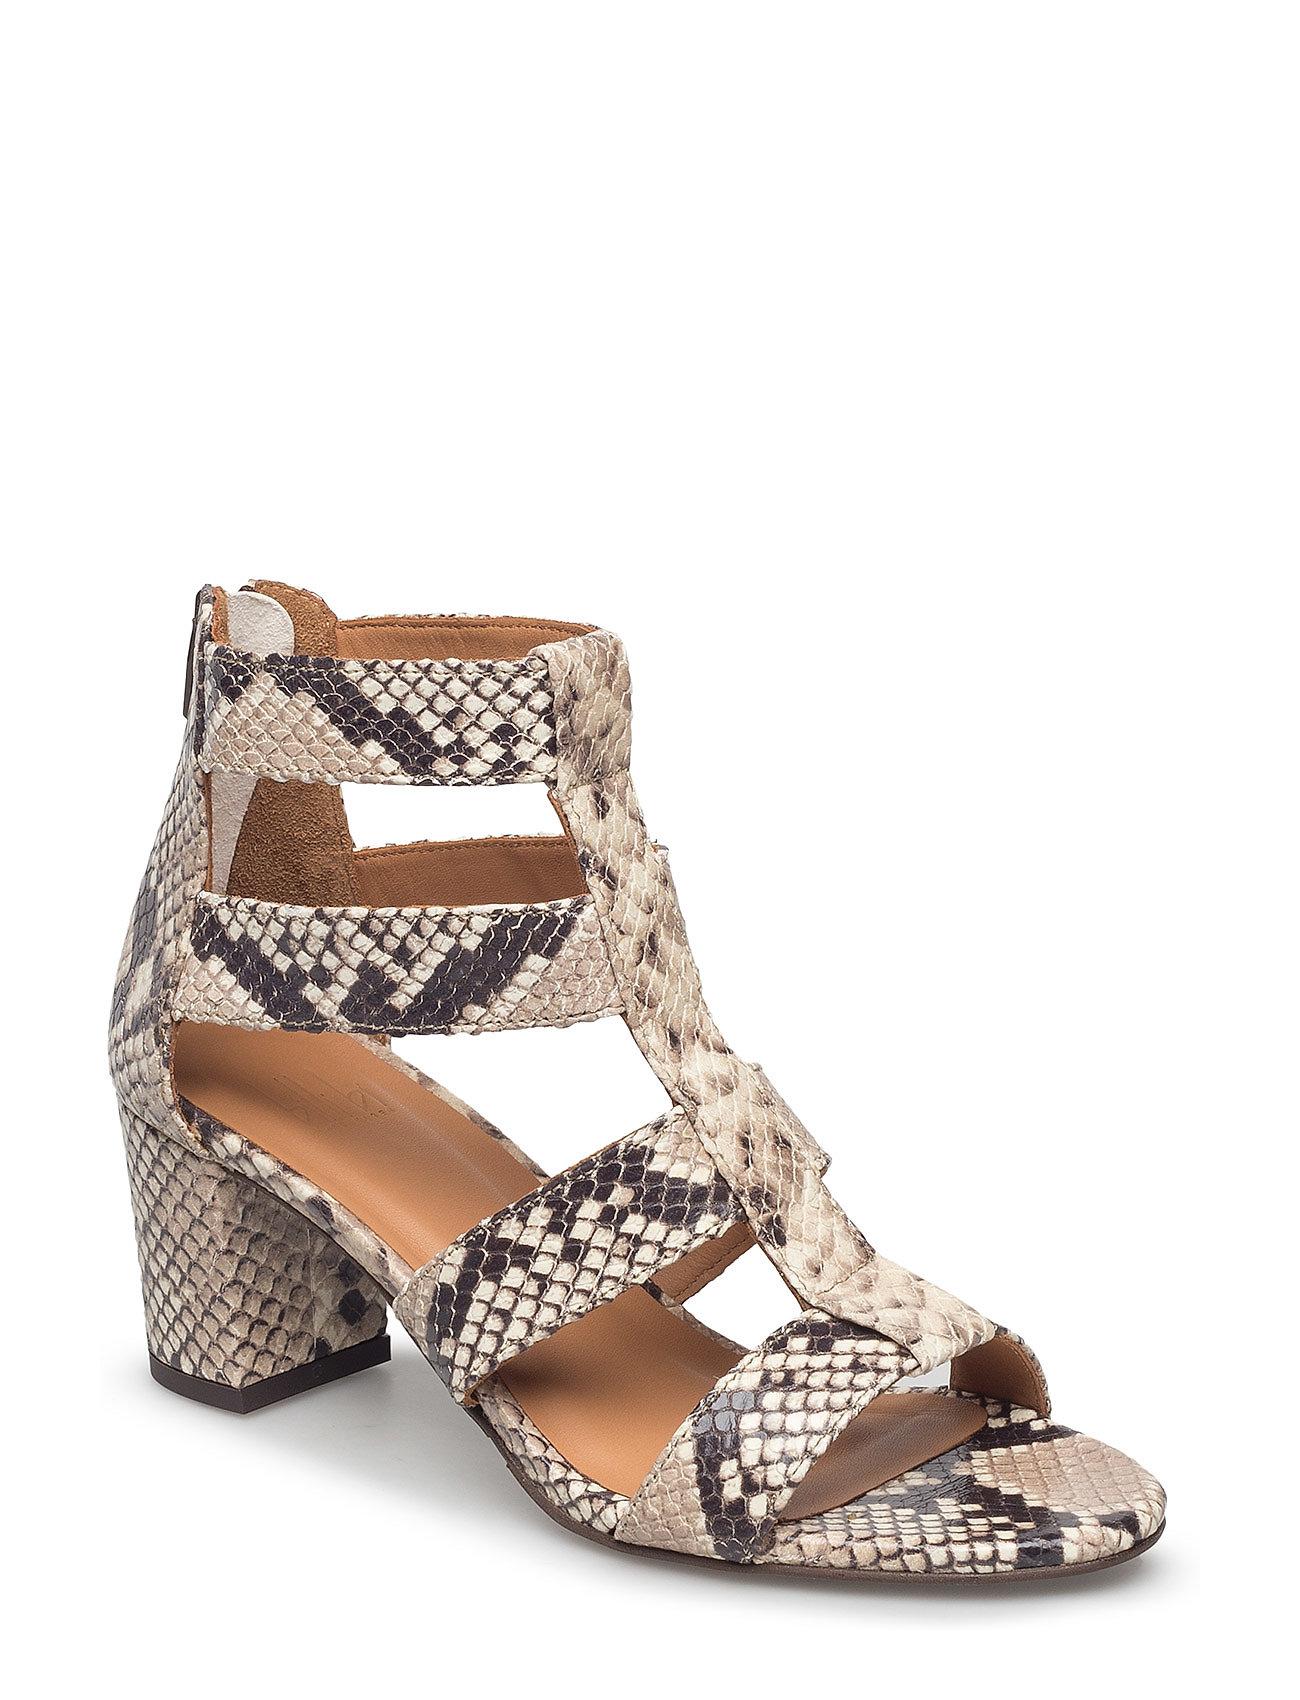 billi bi snake sandal